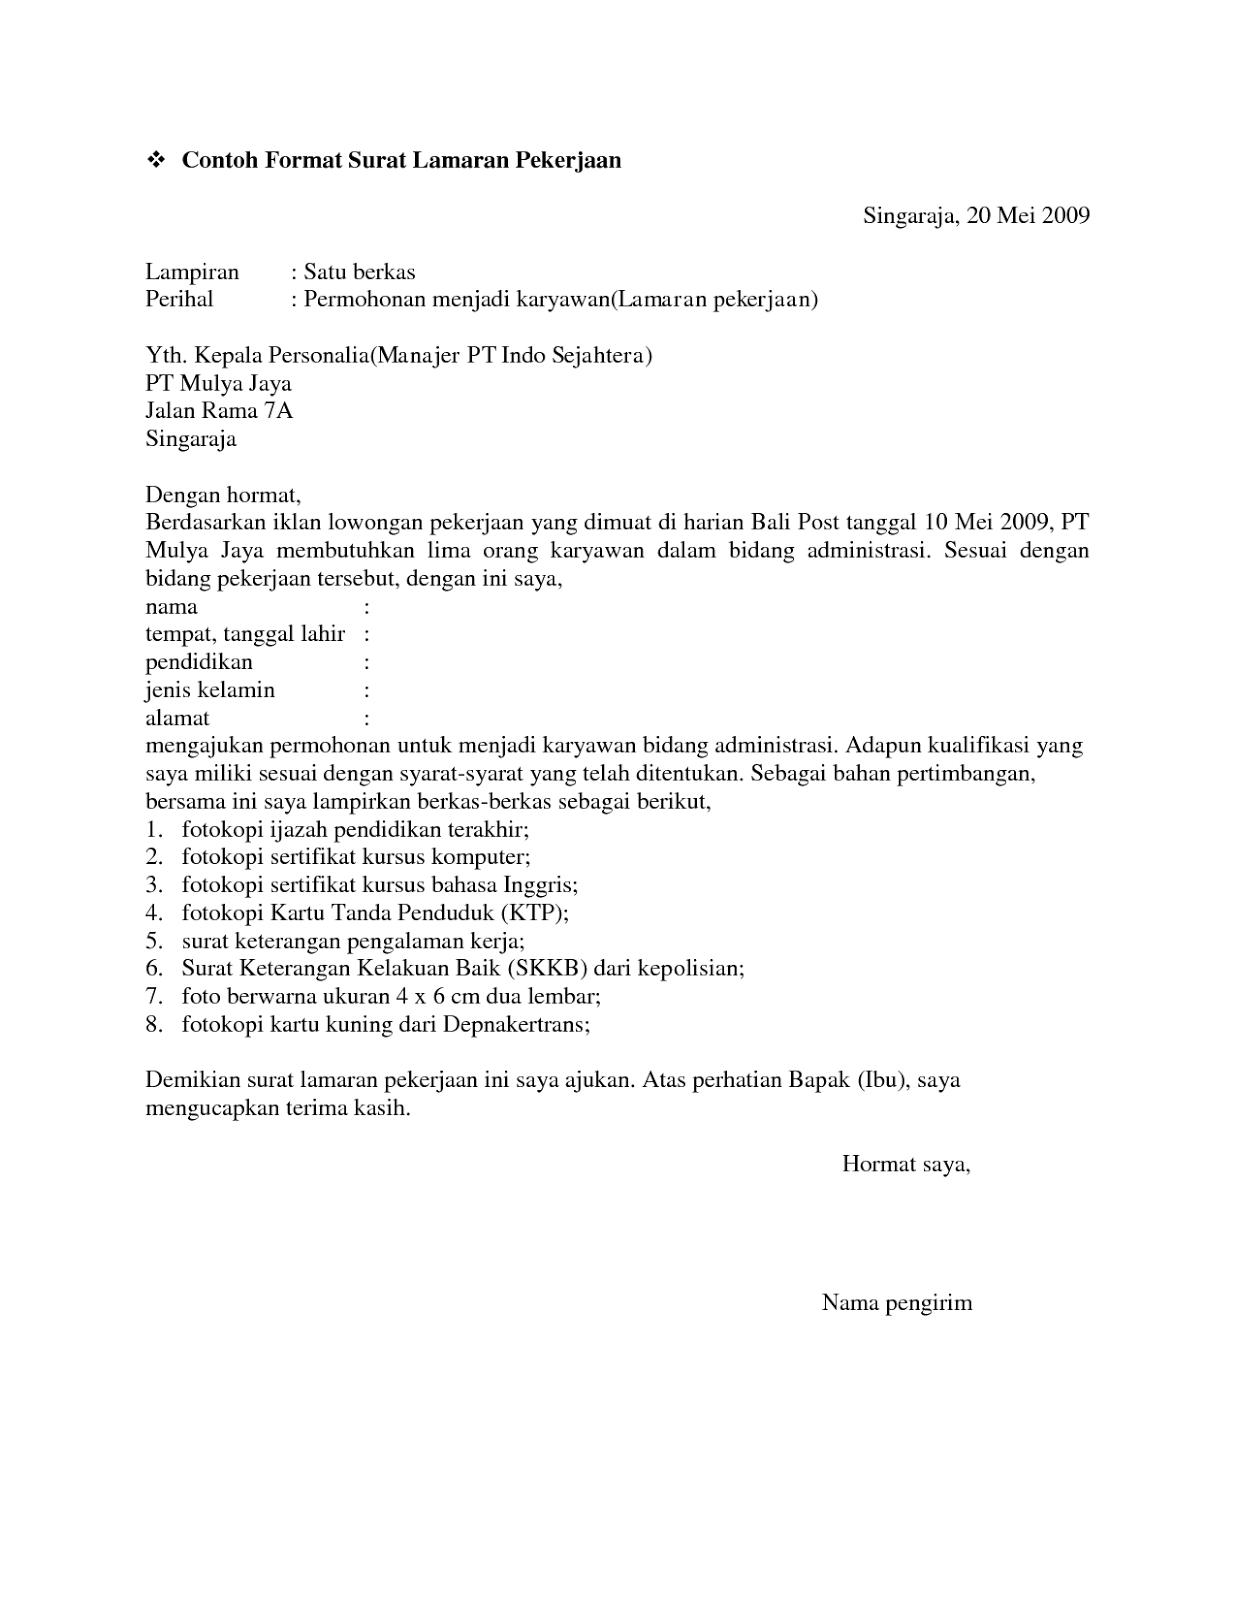 Kumpulan Contoh Surat Lamaran Kerja Terbaru Teamodifikasi